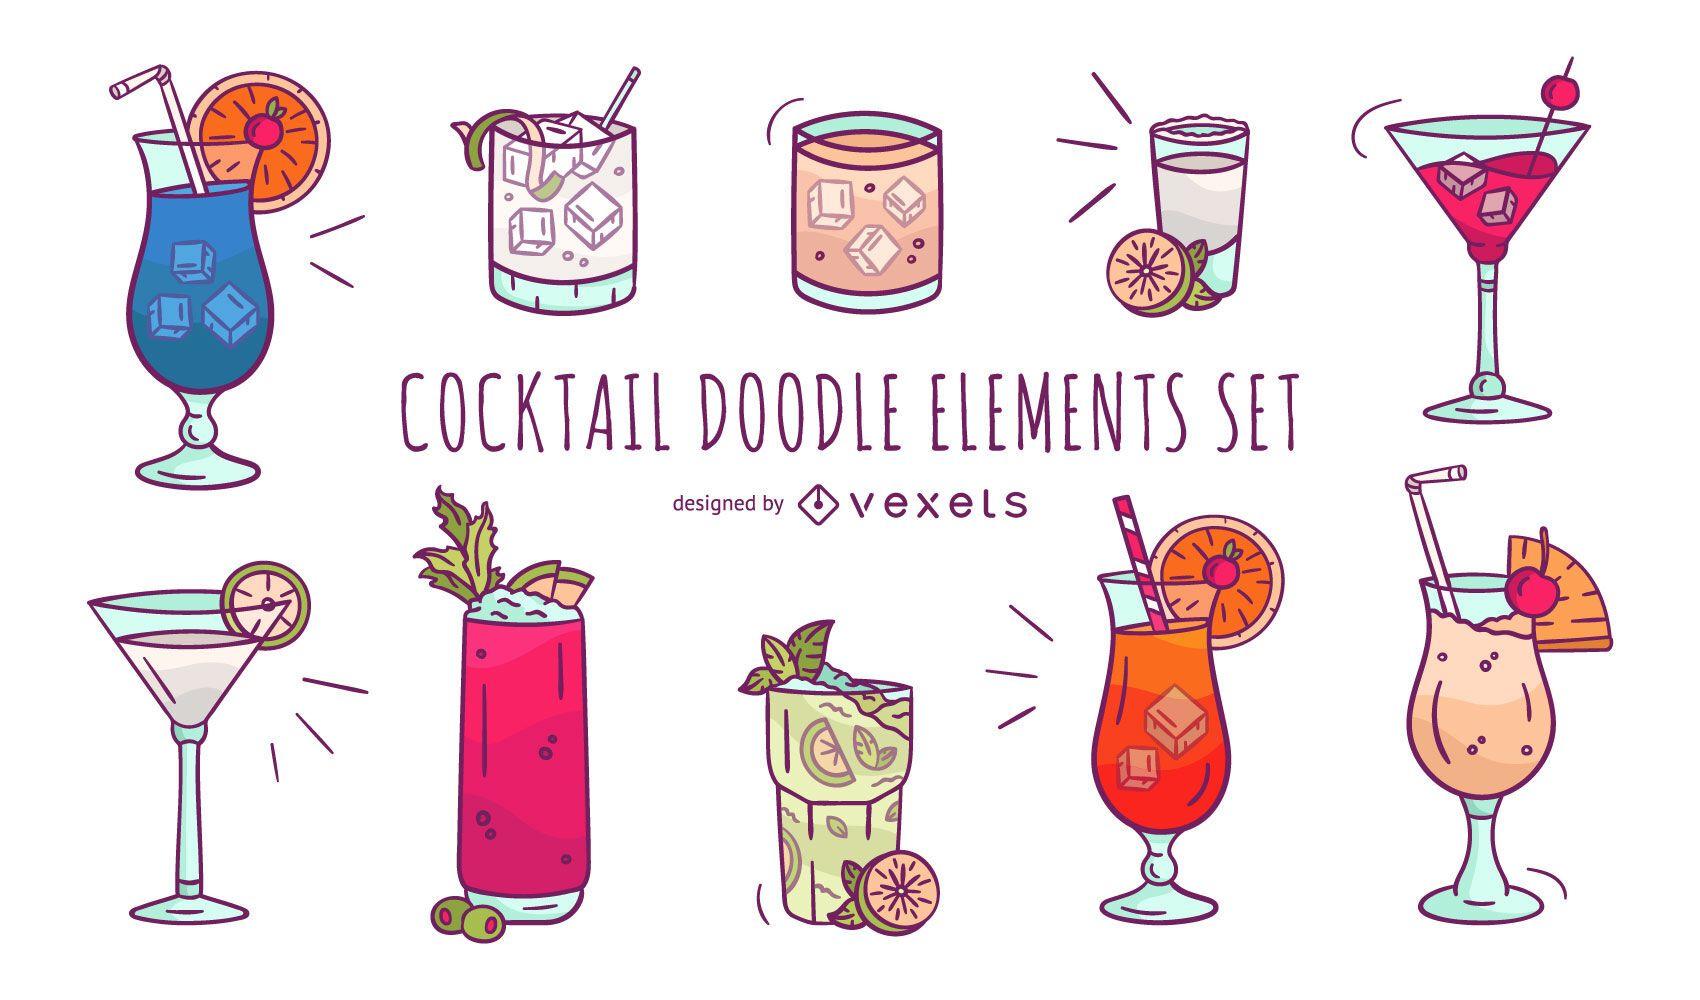 Cocktail Doodle Elements Set